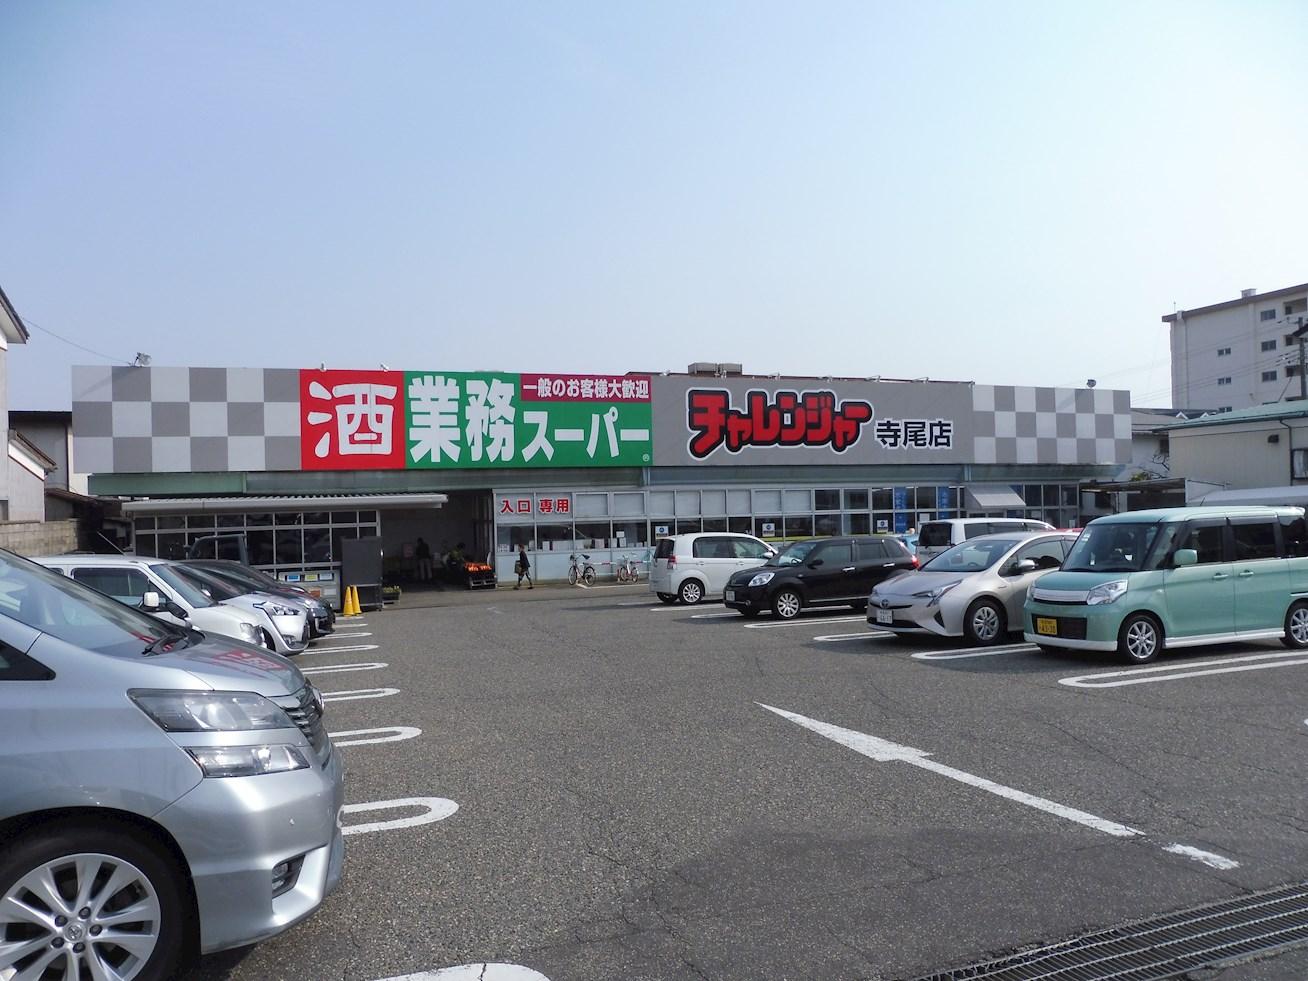 スーパー:チャレンジャー 寺尾店 265m